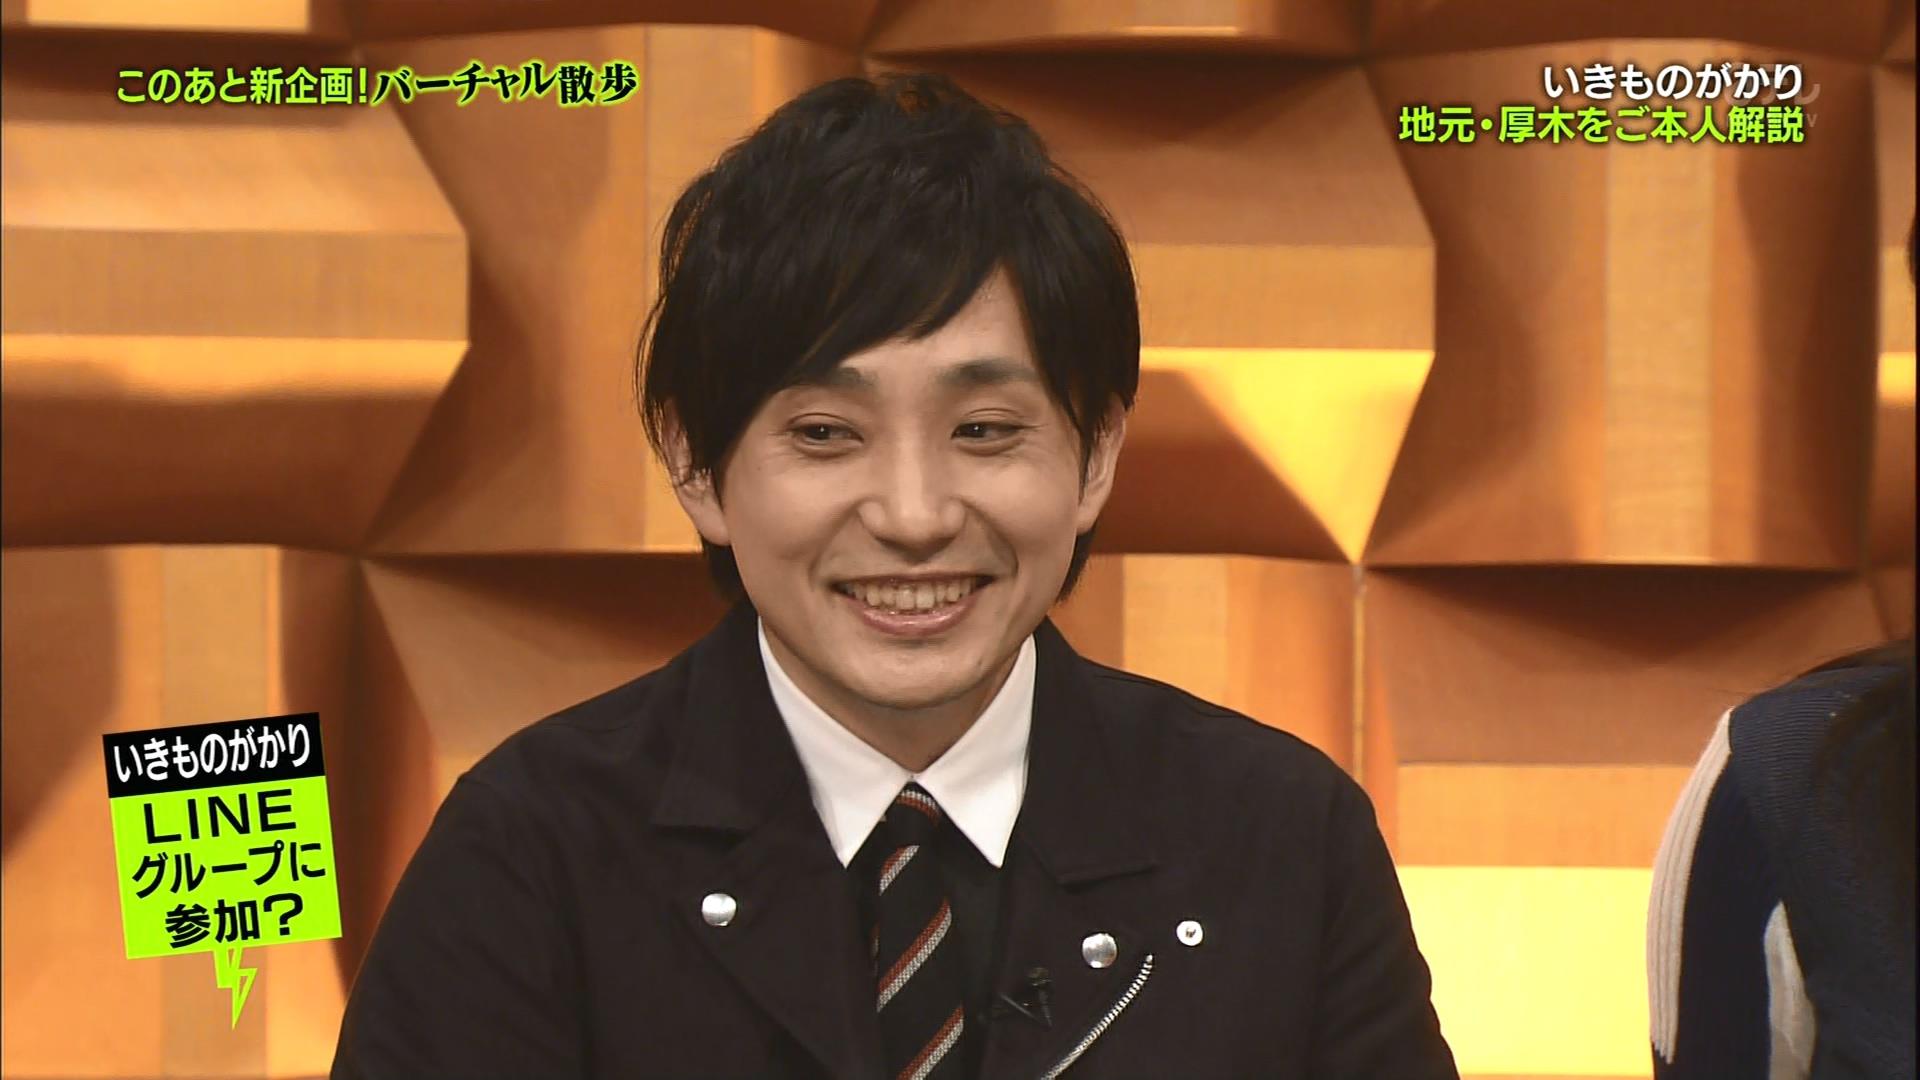 2016.03.11 全場(バズリズム).ts_20160312_013522.768